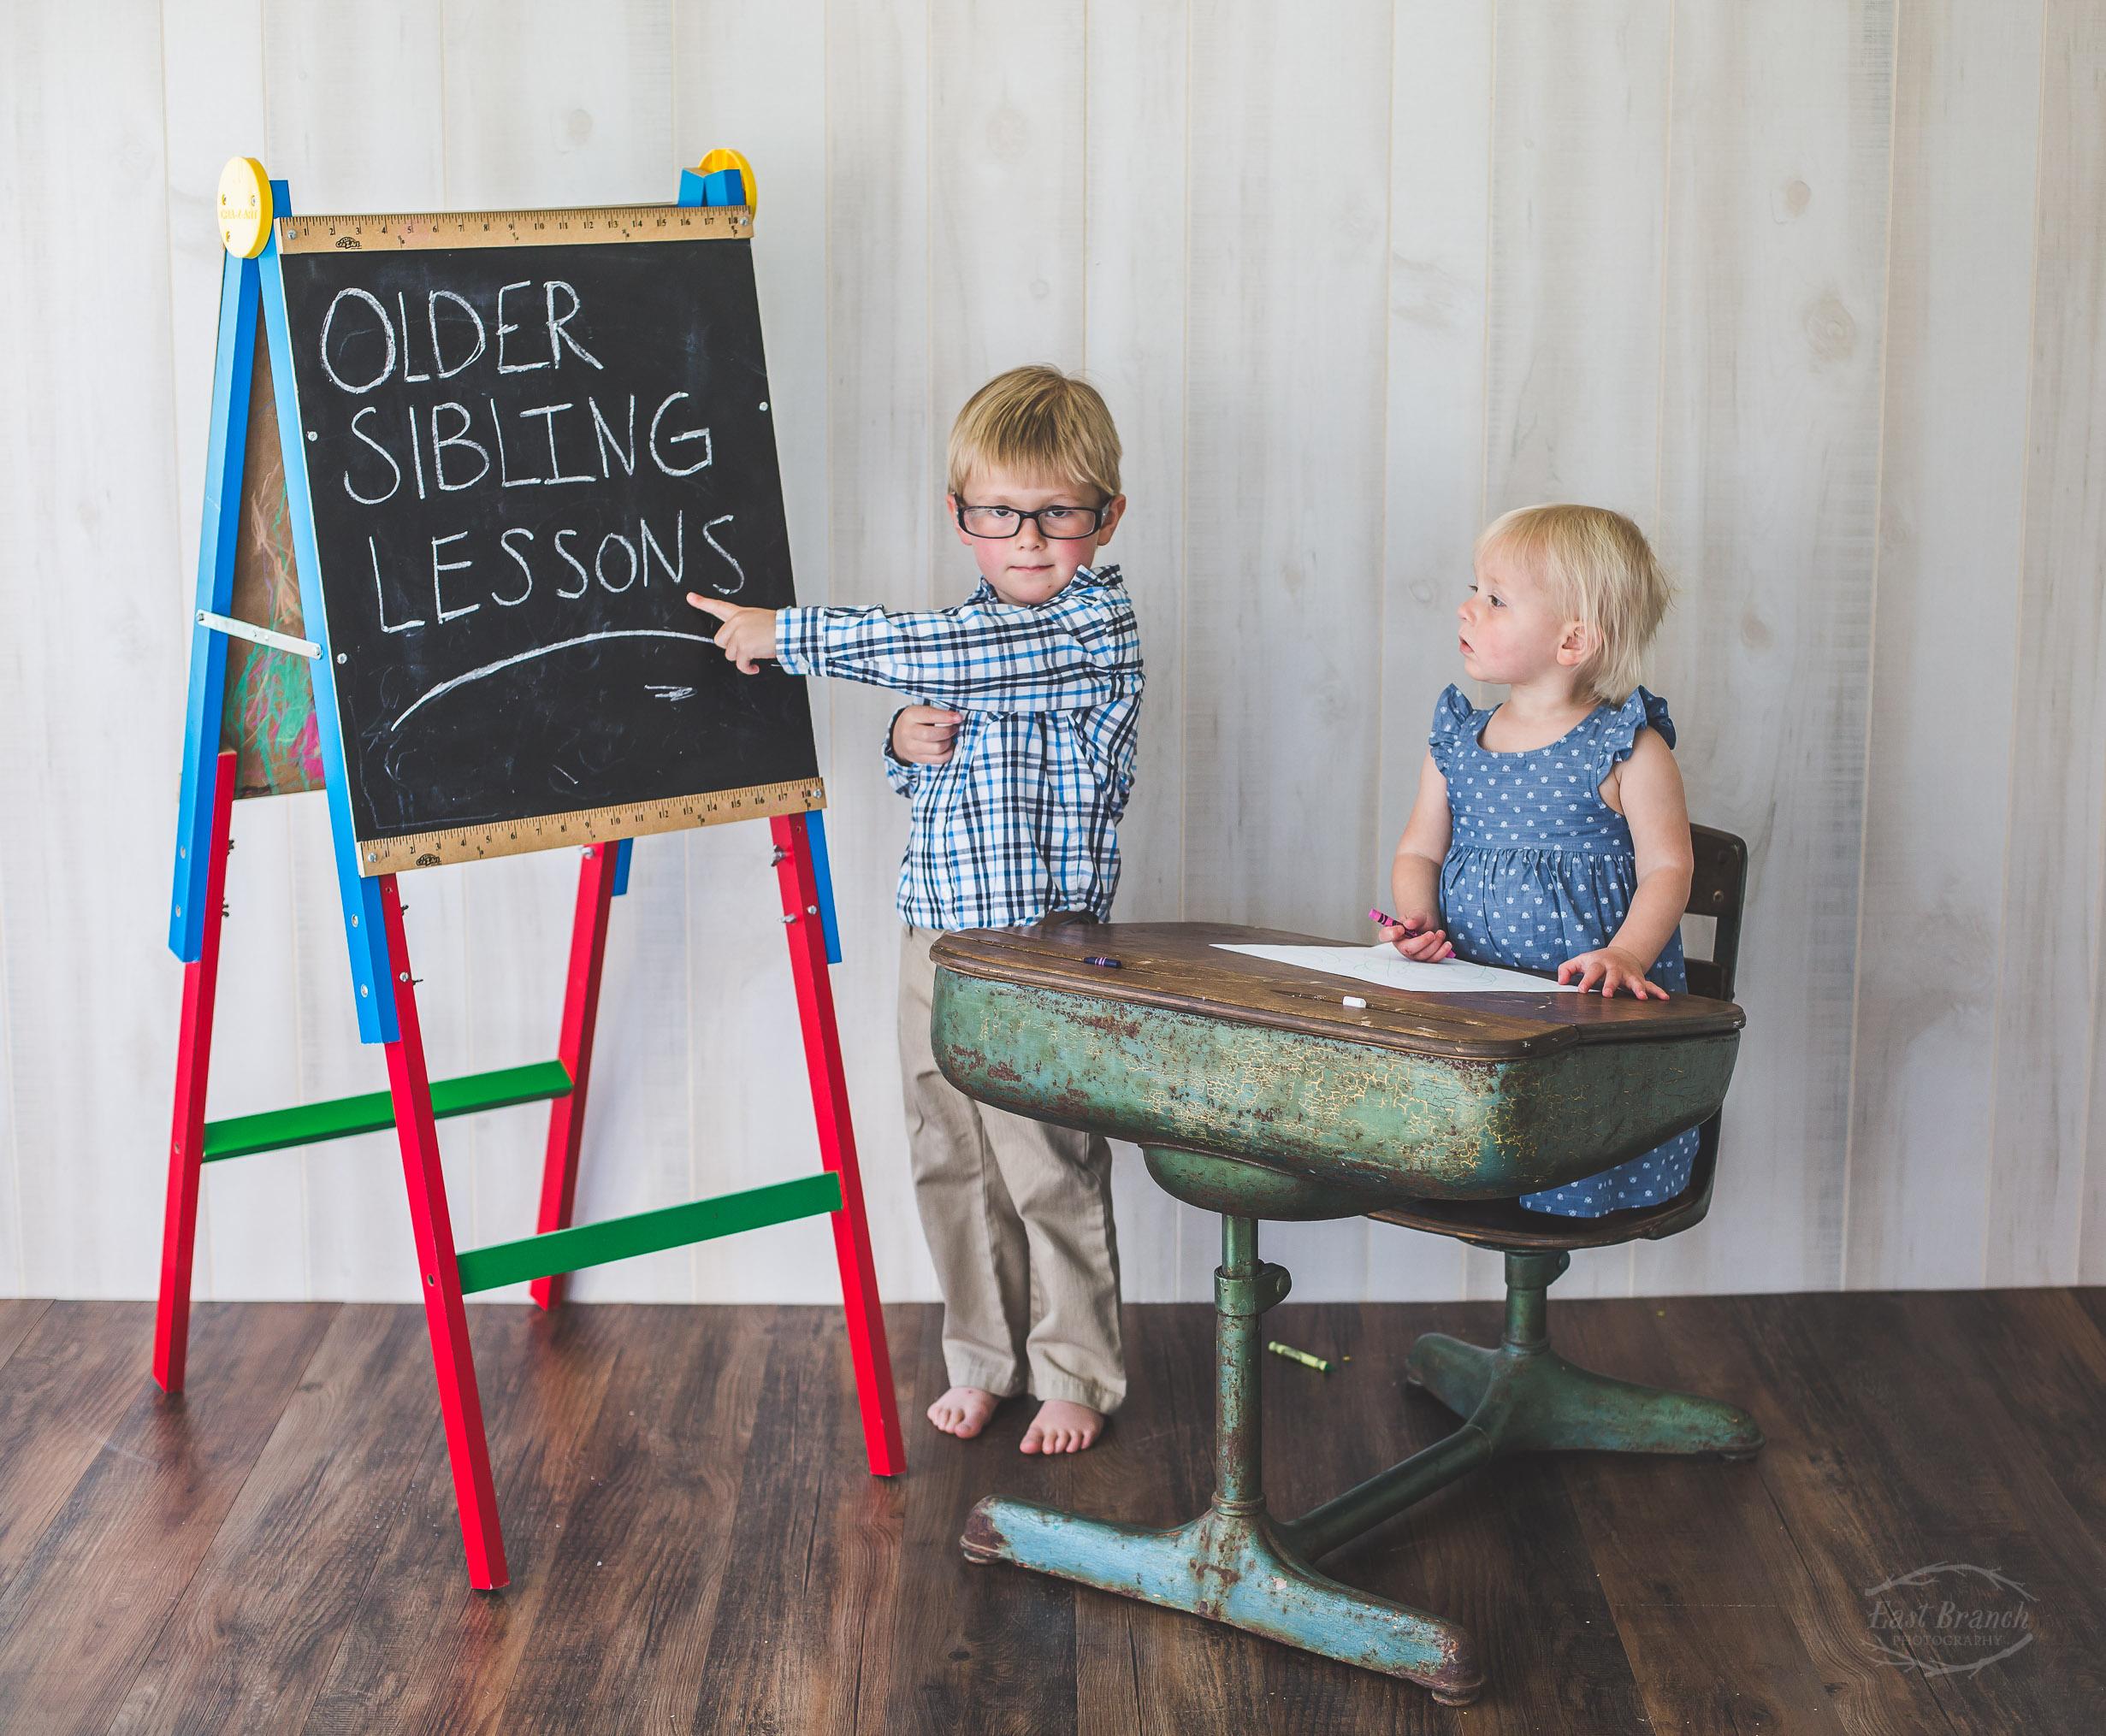 older sibling lessons